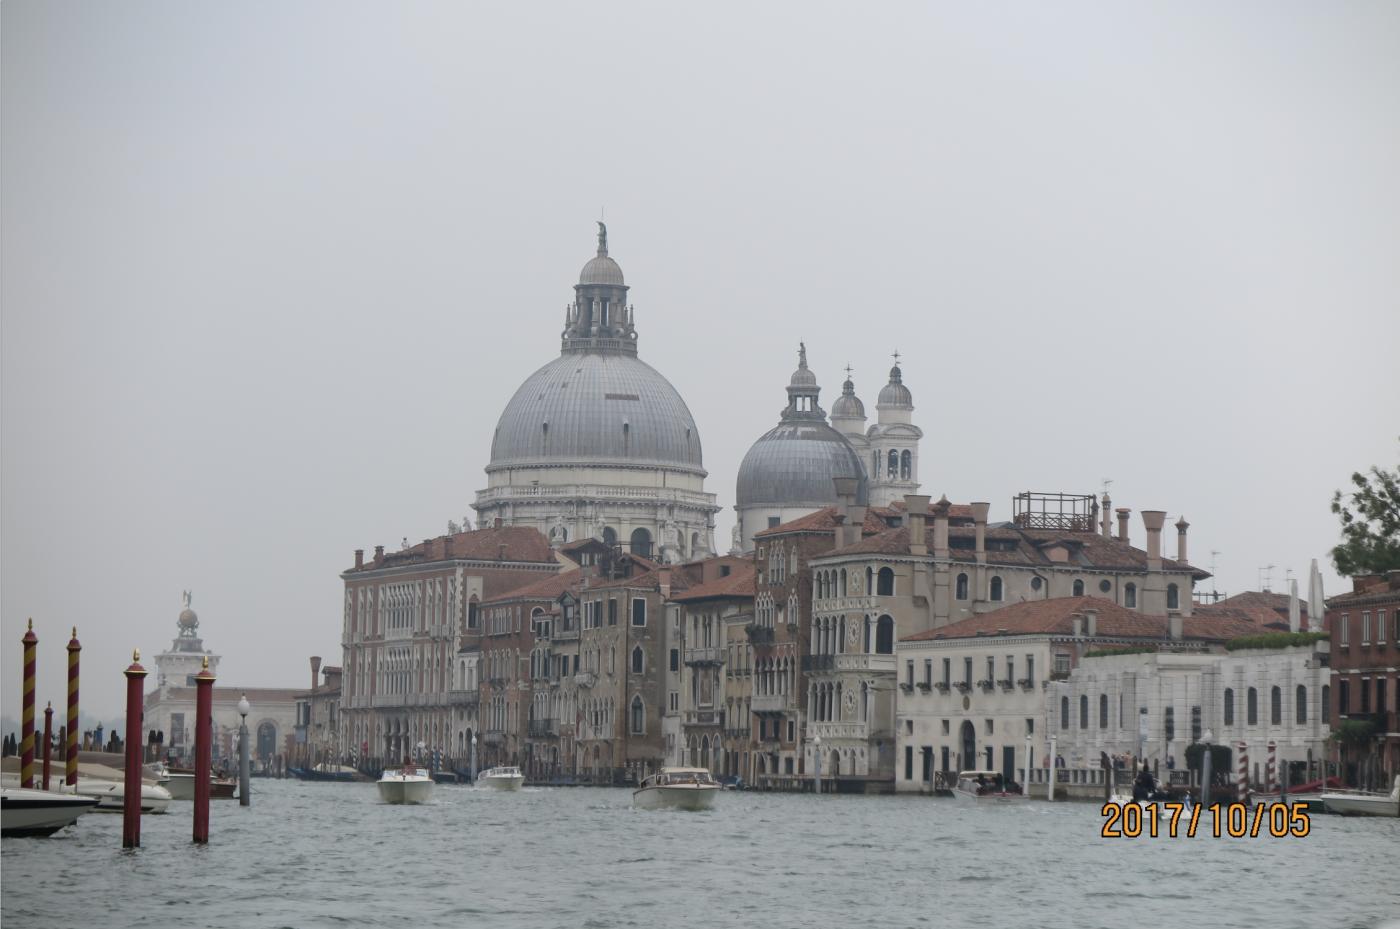 水乡威尼斯:无限的魅力永久的回忆_图1-17